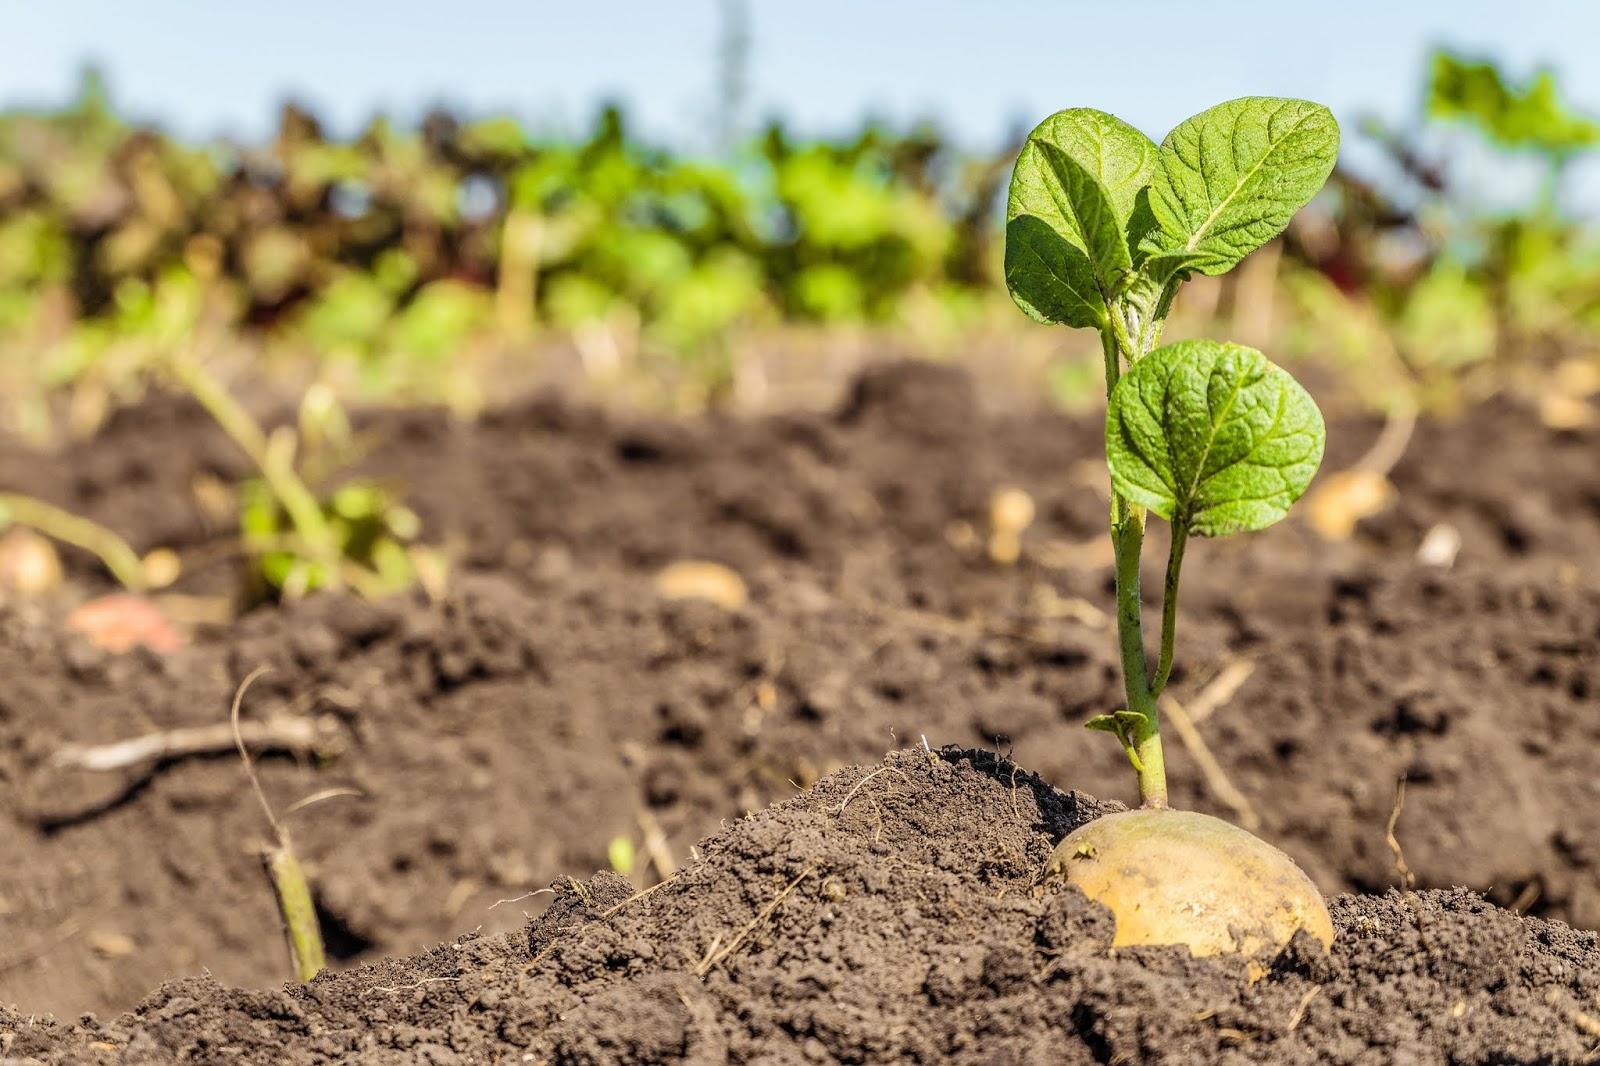 أحدث الطرق لزراعة البطاطس